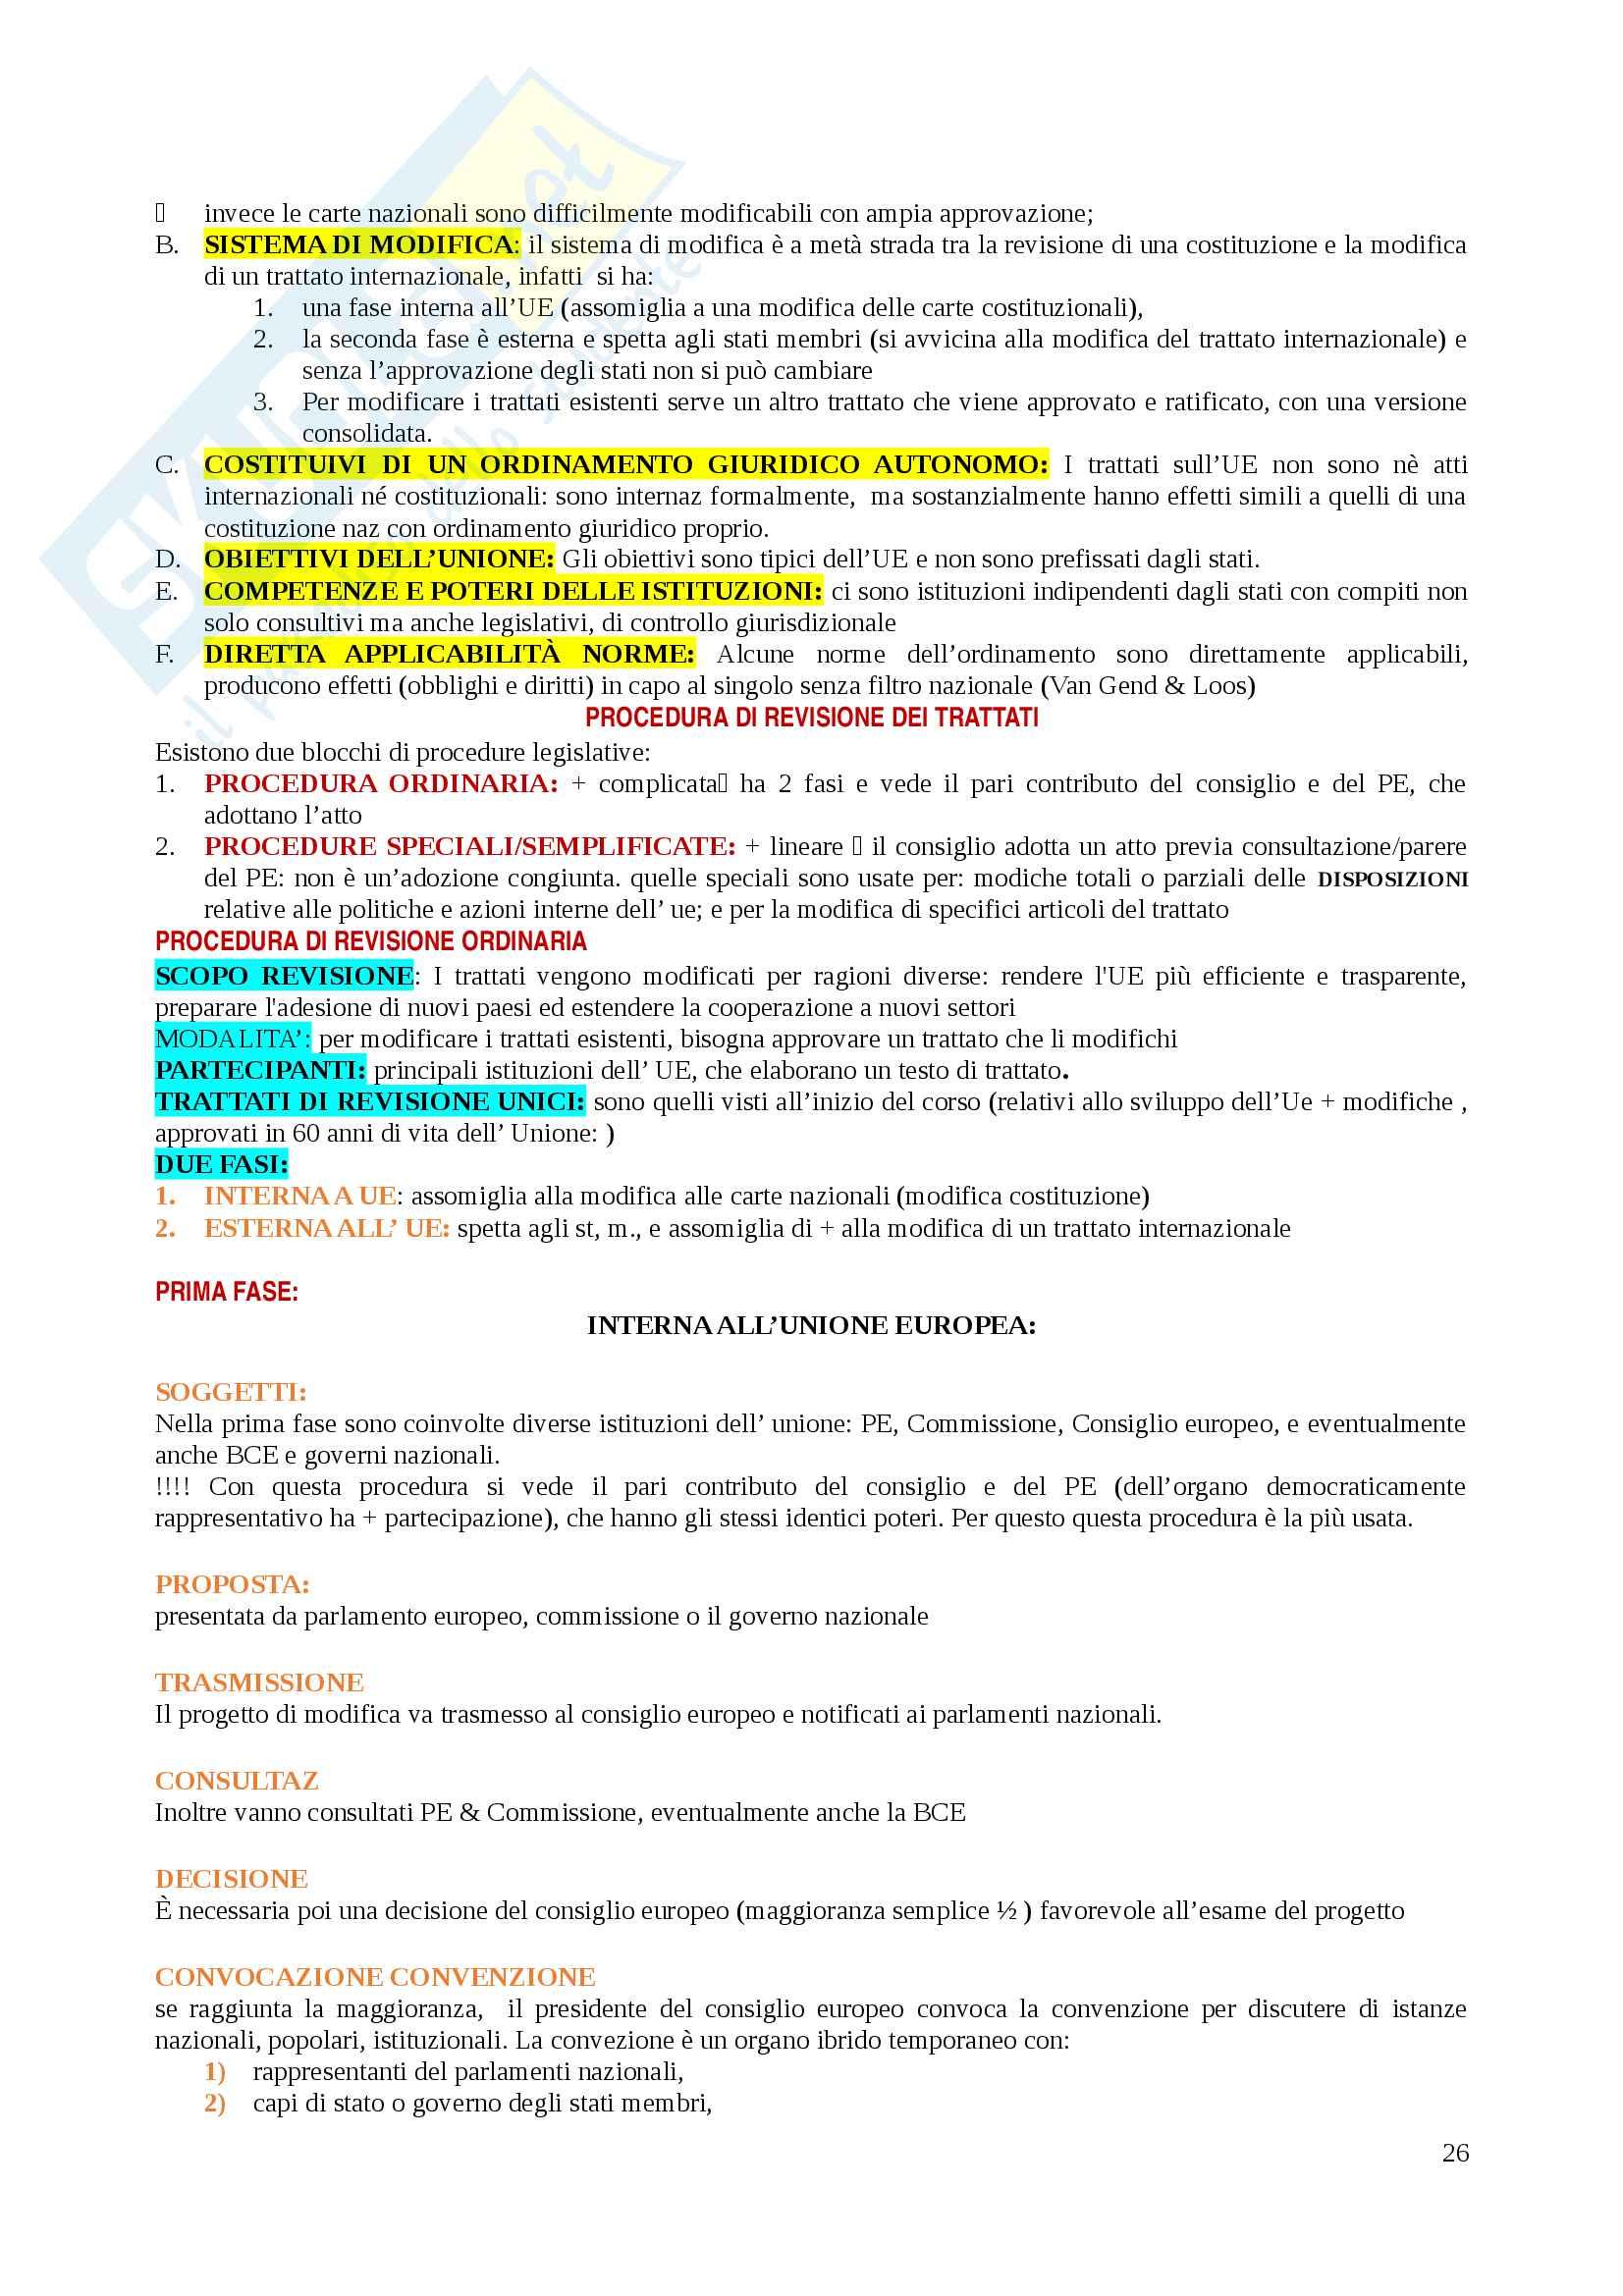 Riassunti Diritto dell'Unione Europea Pag. 26